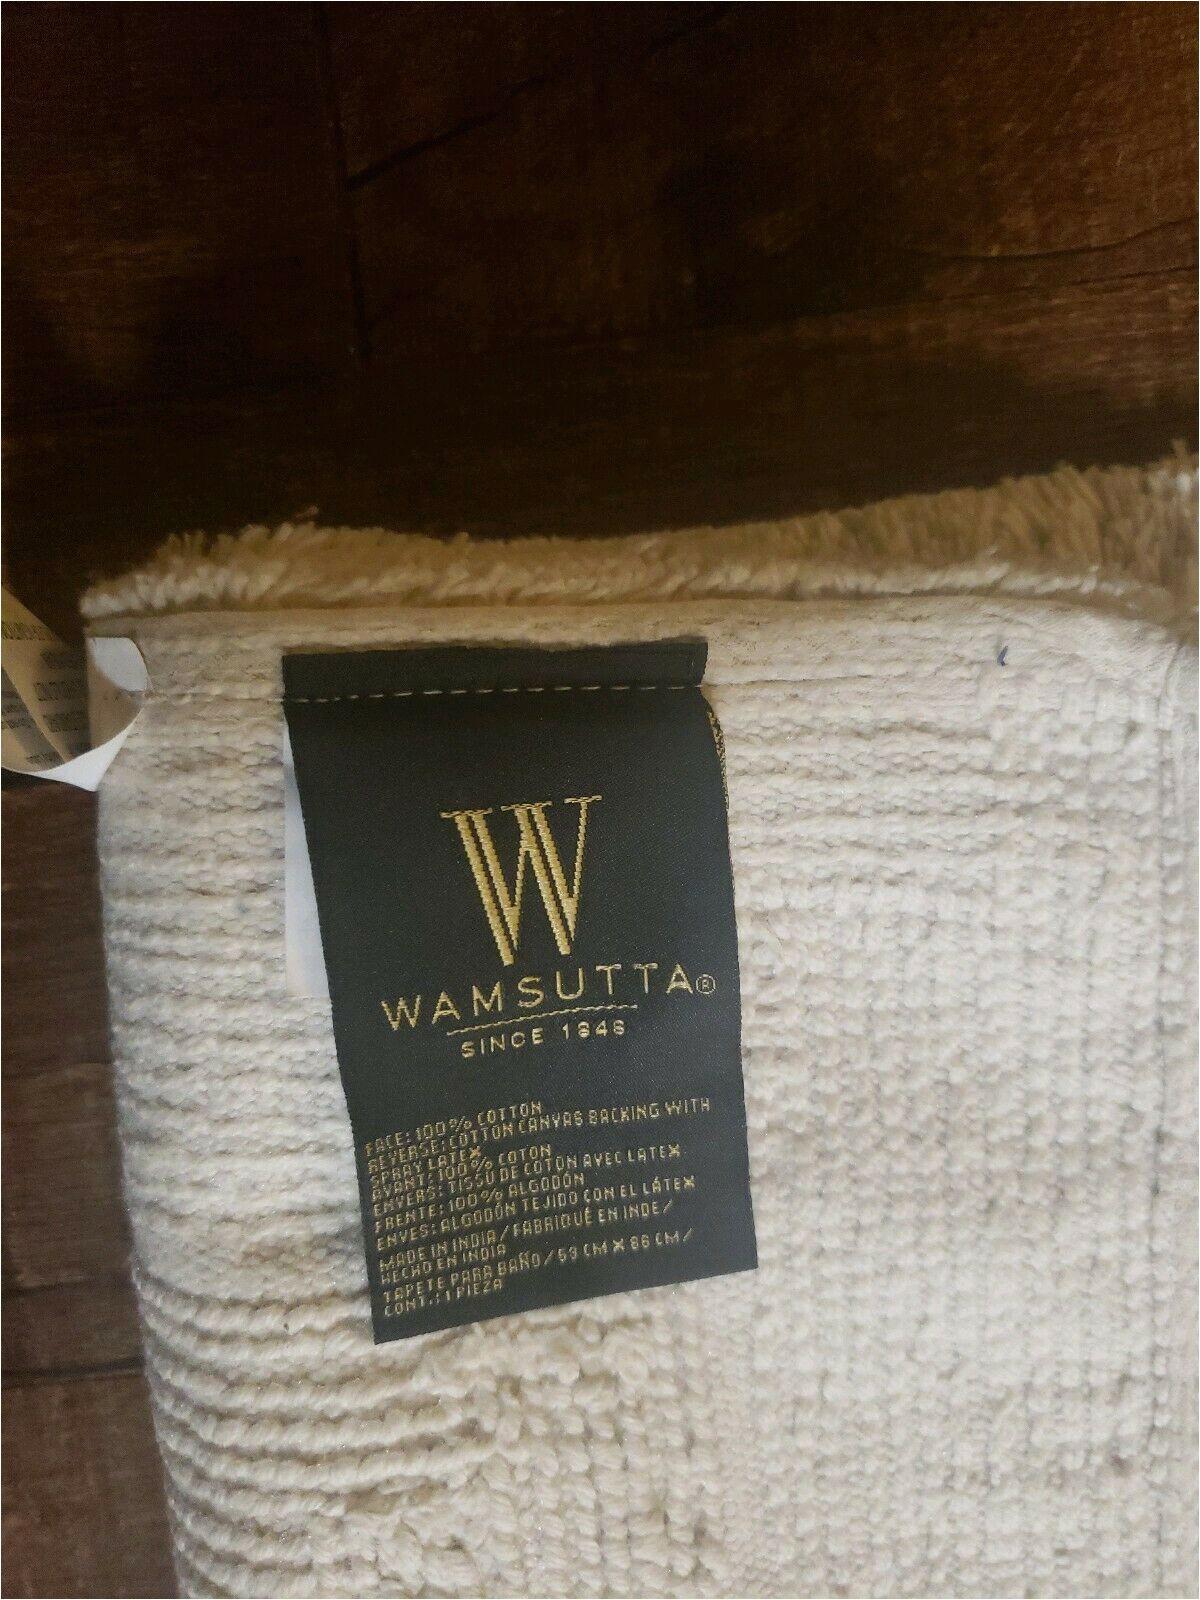 Wamsutta Luxury Border Bath Rug Wamsutta Luxury 21 Inch X 34 Inch Border Plush Microcotton